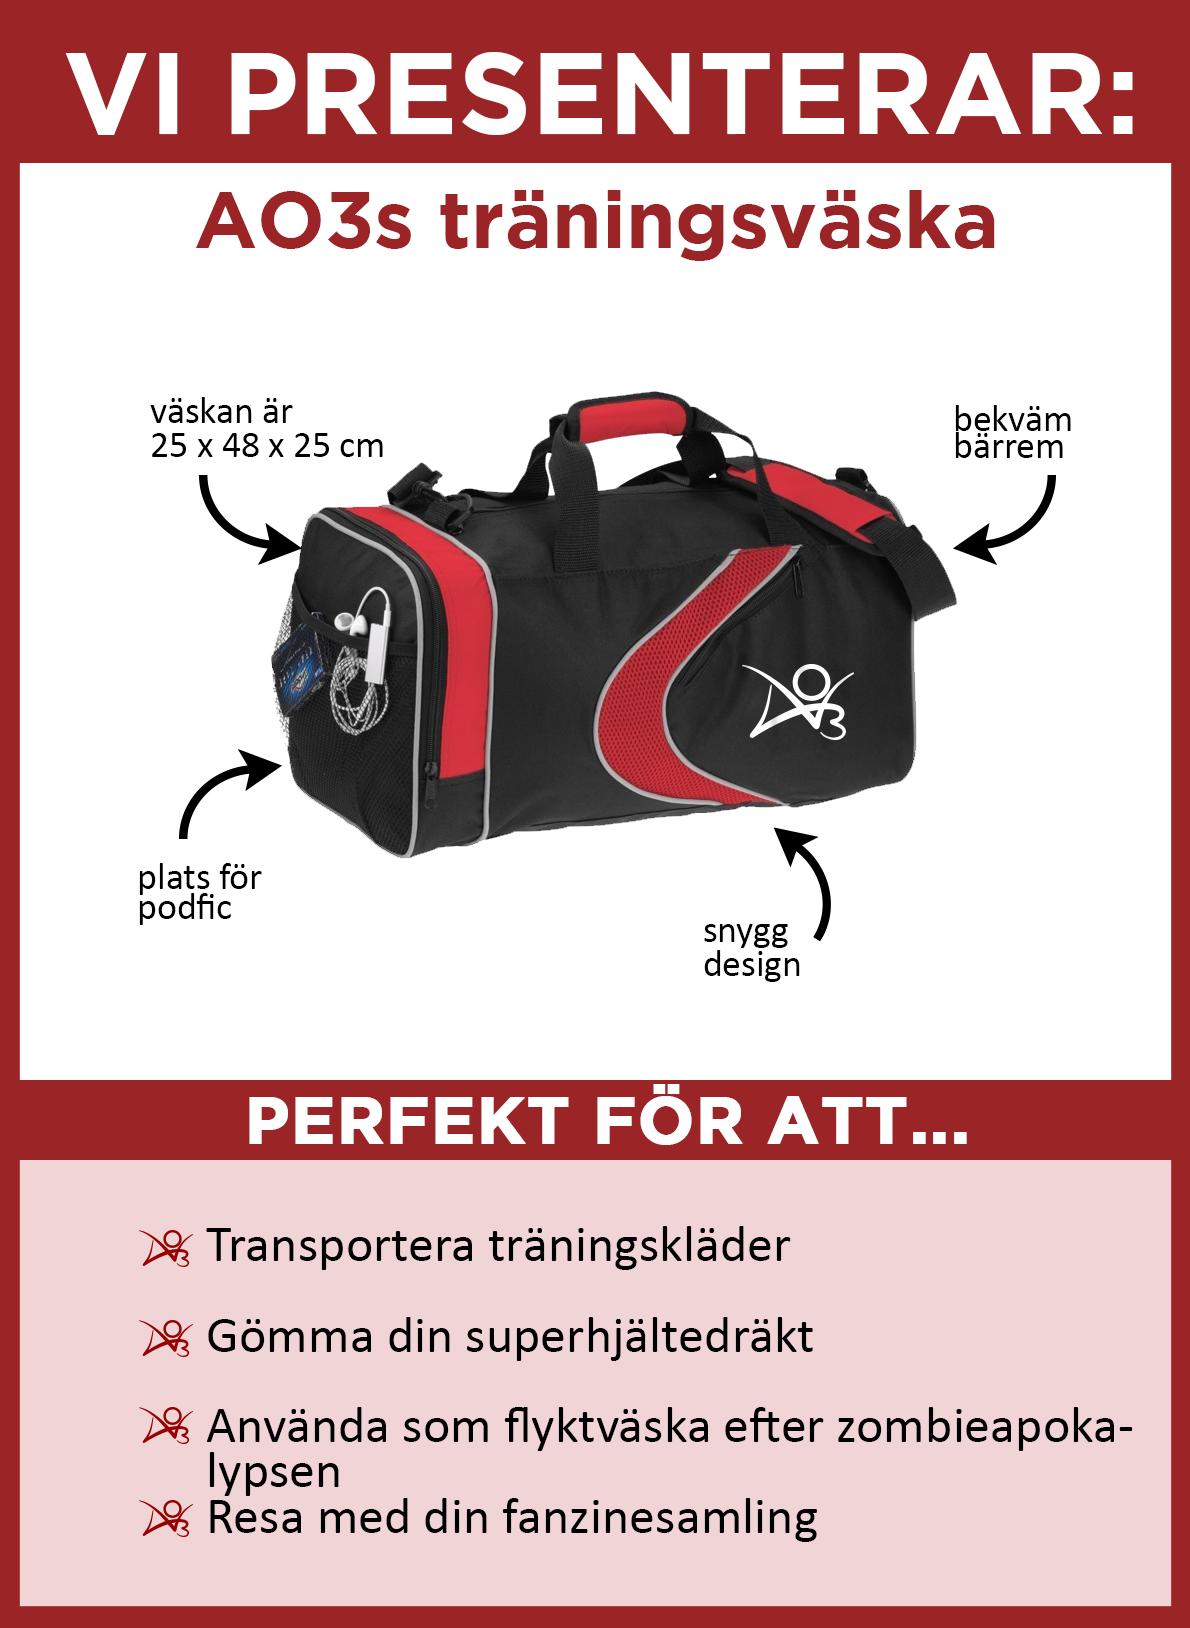 Vi presenterar AO3-träningsväskan. Väskan är svart med röda accenter, med en röd linje och en vit AO3-logga på sidan. Måtten är 25 x 48 x 25 centimeter. Den har en bekväm axelrem och en sidoficka i nät som är idealisk att förvara podfic i. Den är perfekt för att transportera träningskläder, förvara din superhjältedräkt, använda som flyktväska vid en zombie-apokalyps och resa med din fanzine-samling.